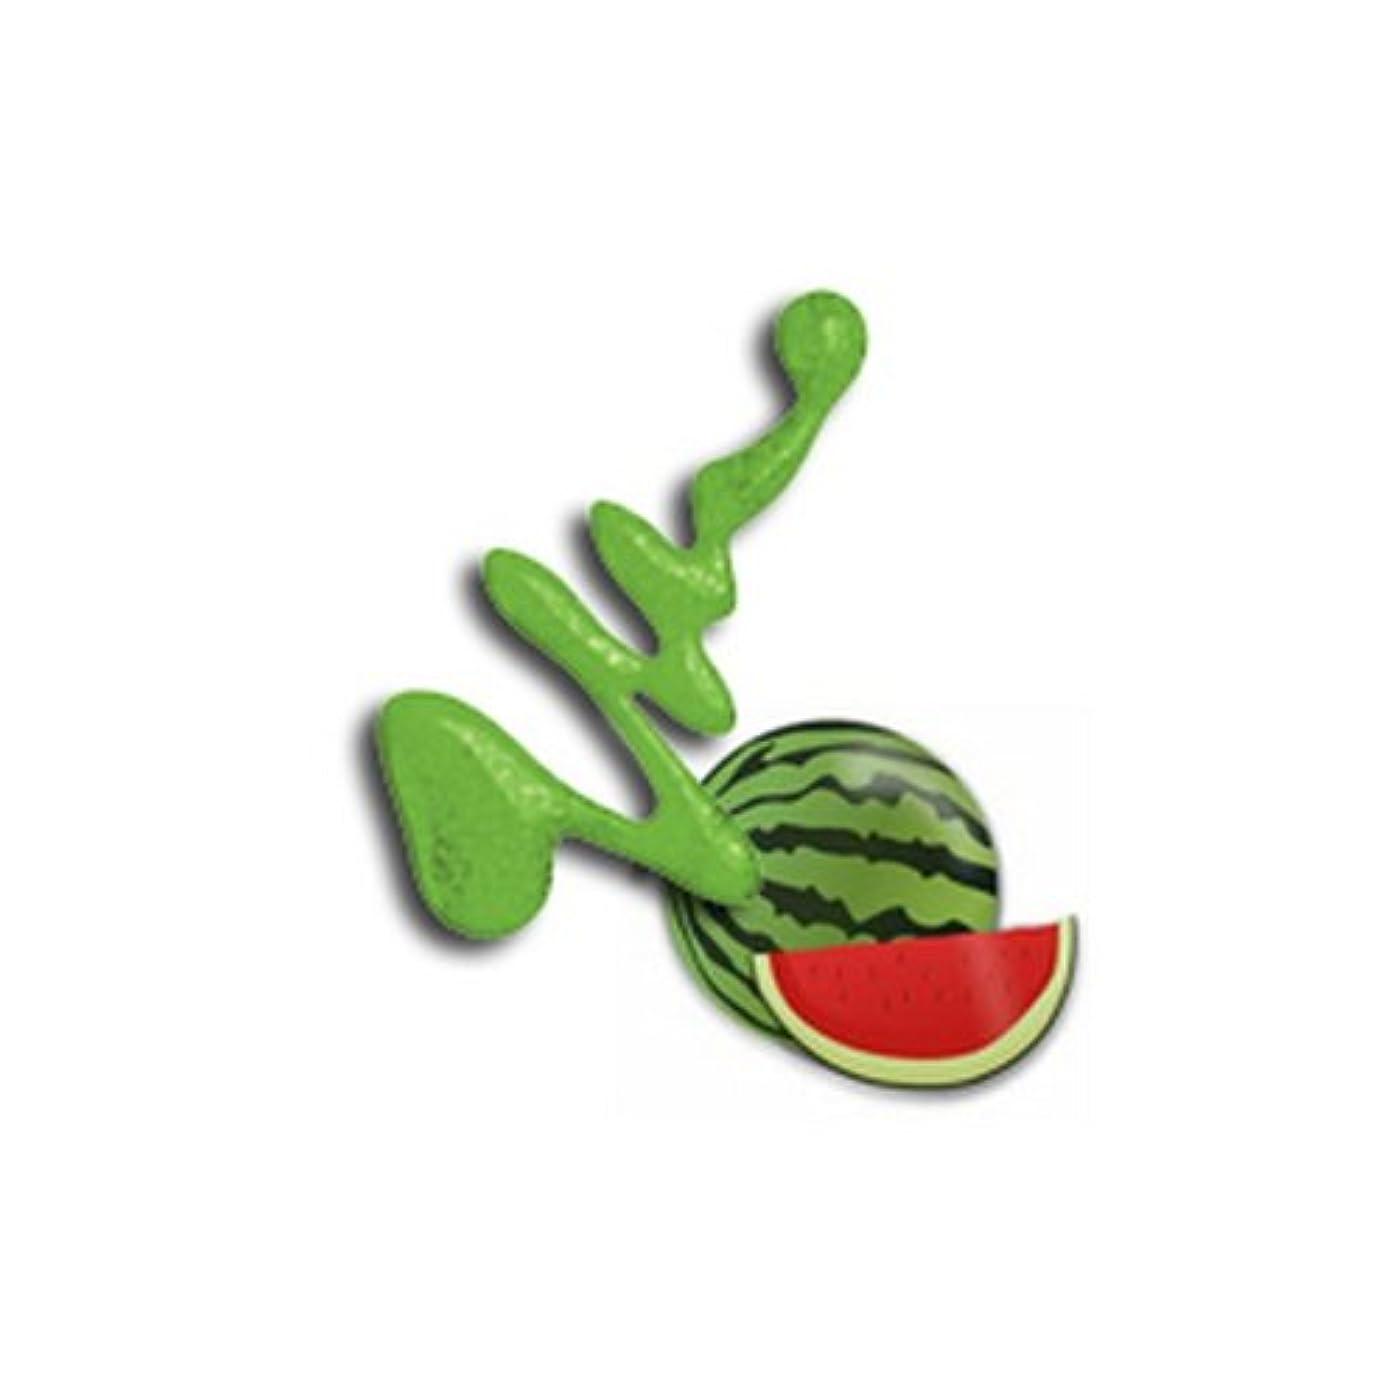 ただ困惑六分儀LA GIRL Fruity Scented Nail Polish - Watermelon Splash (並行輸入品)